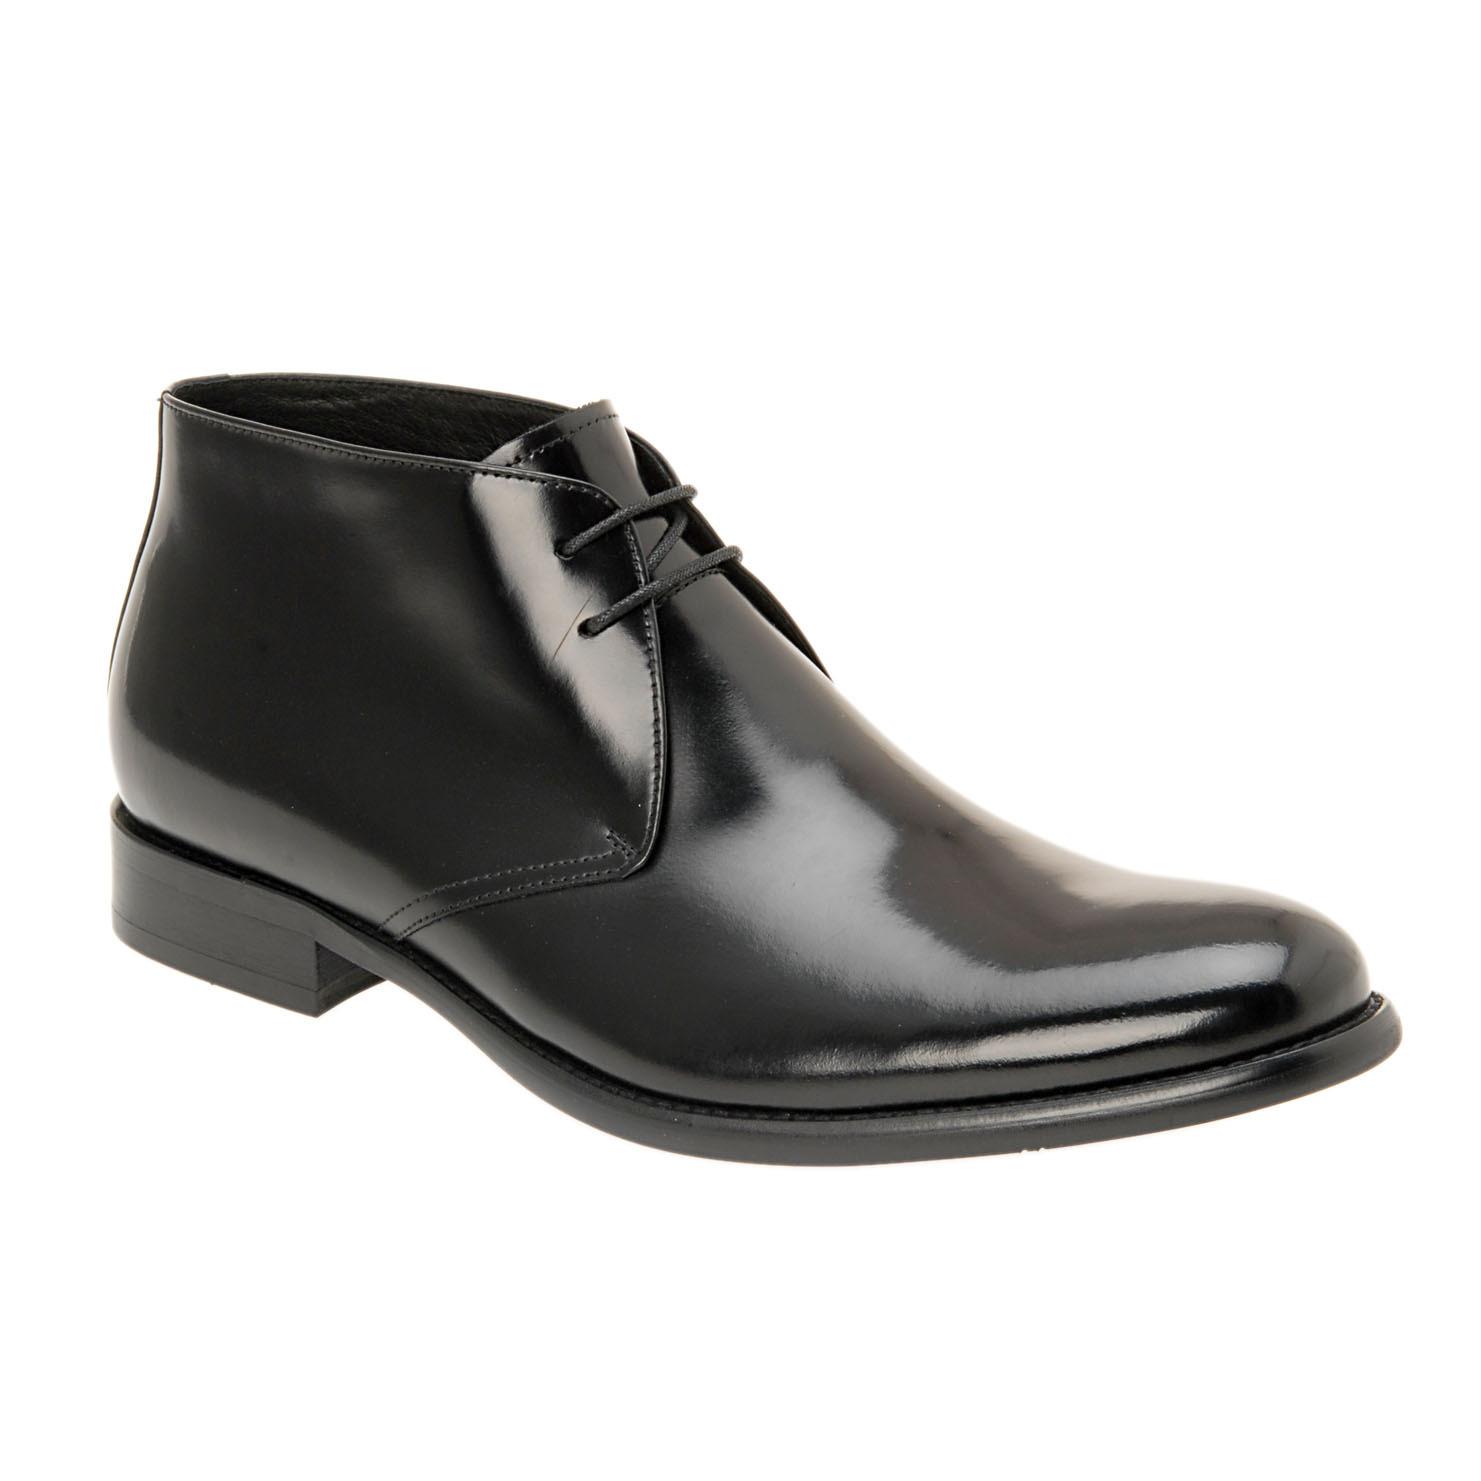 Aldo Shoes Men S Discontinued